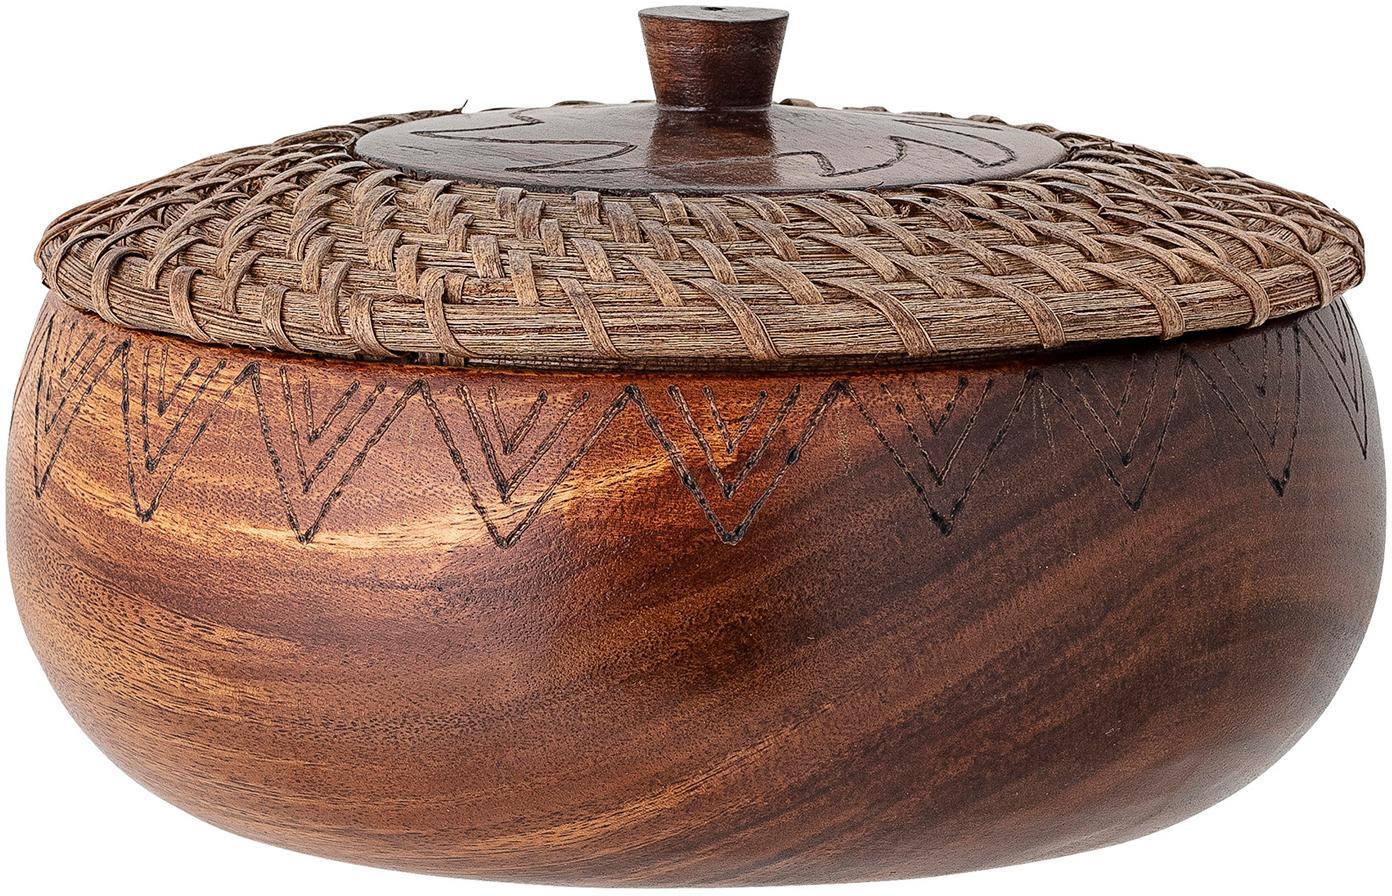 Grote schaal Femke van acaciahout met deksel, Ø 24cm, Geolied acaciahout, rotan, Bruin, Ø 24 x H 10 cm